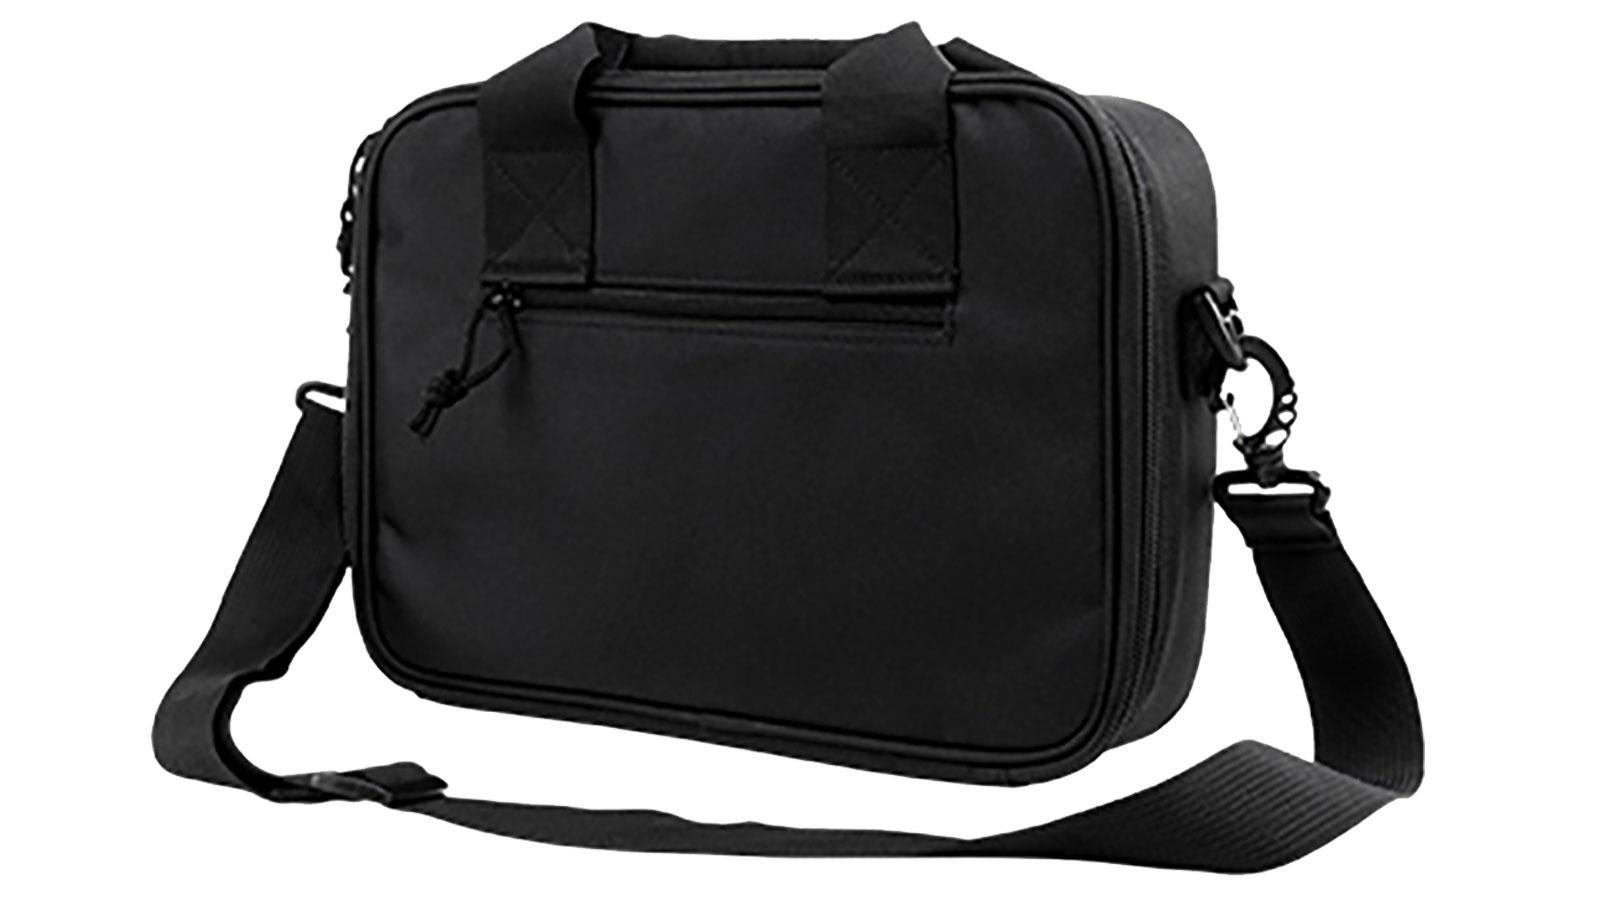 NCStar CPDX2971G Double Pistol Range Bag Pistol Case Green Double Pistol Range Bag